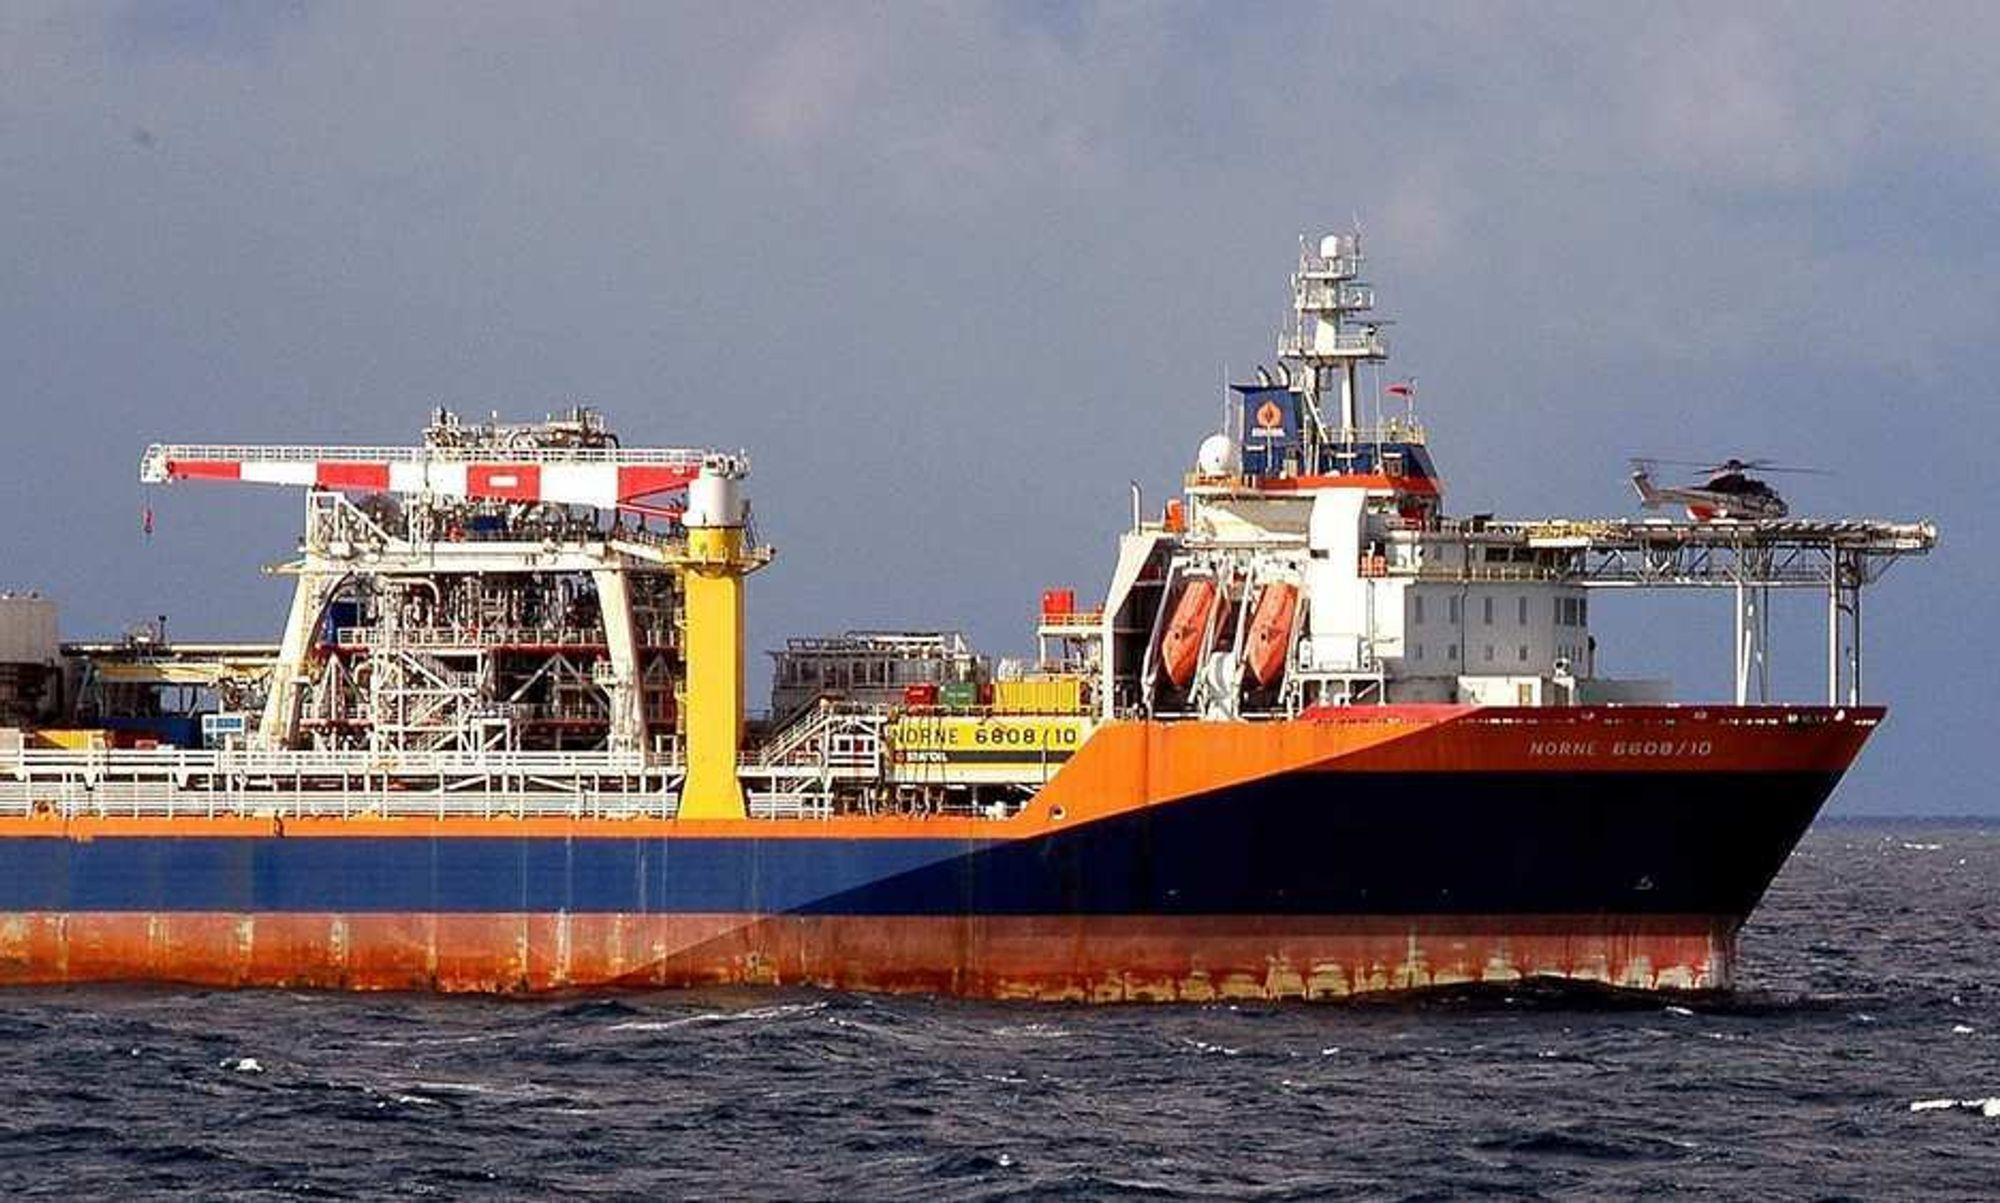 LENGRE LEVETID: På grunn av petroleumsforekomster som er funnet som følge av TFO-tildelinger, har Norne-skipet fått forlenget levetiden med fem år.